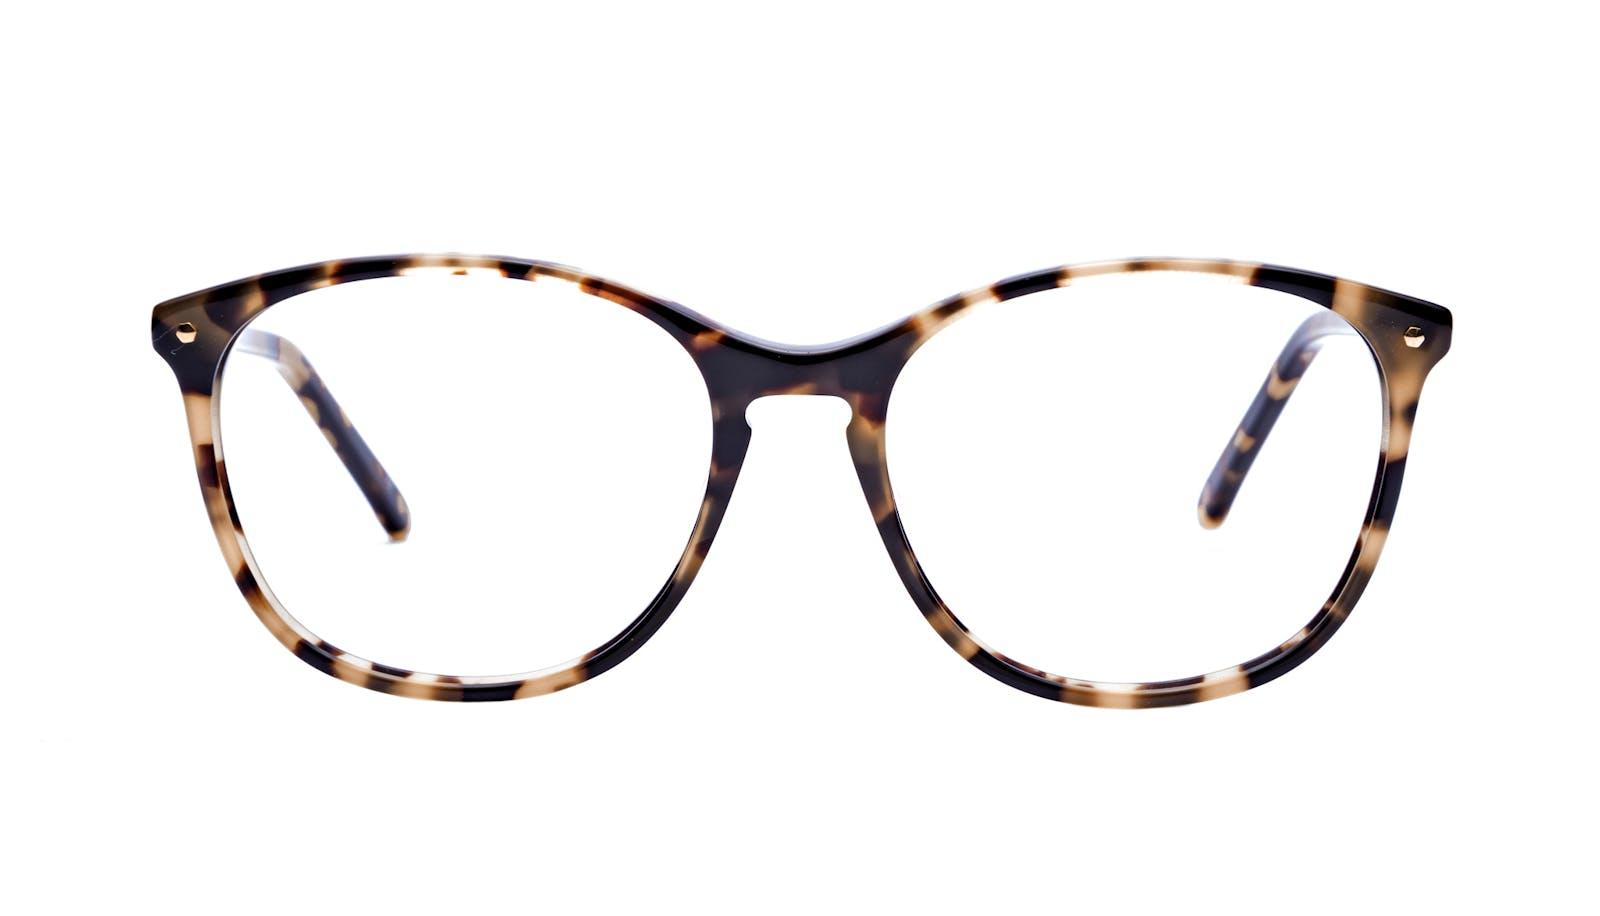 48706c91ab0395 Affordable Fashion Glasses Rectangle Square Round Eyeglasses Women Nadine  Bingal